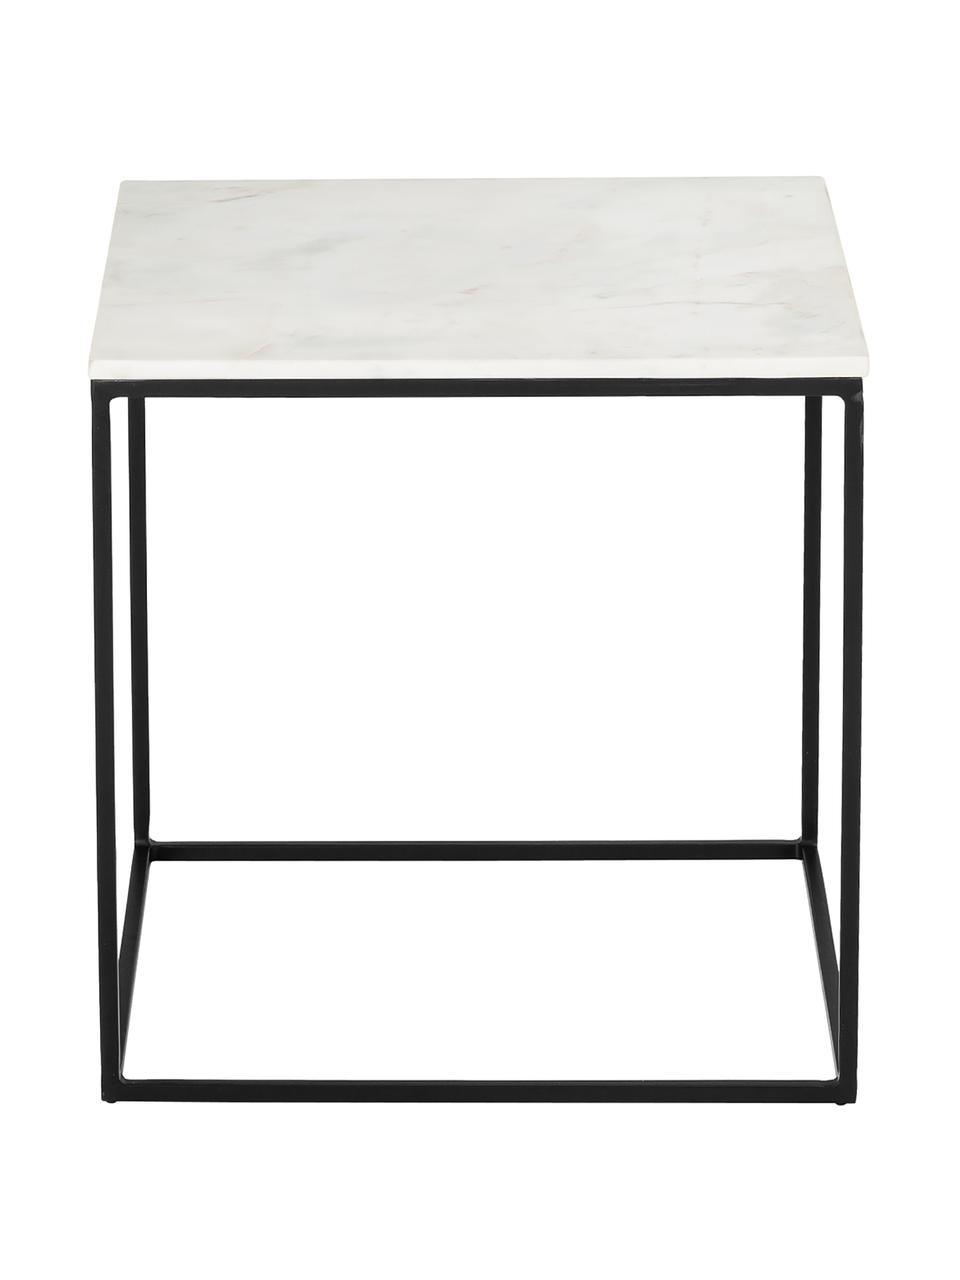 Marmeren bijzettafel Alys, Tafelblad: marmer, Frame: gepoedercoat metaal, Tafelblad: wit-grijs marmer. Frame: mat zwart, 45 x 50 cm